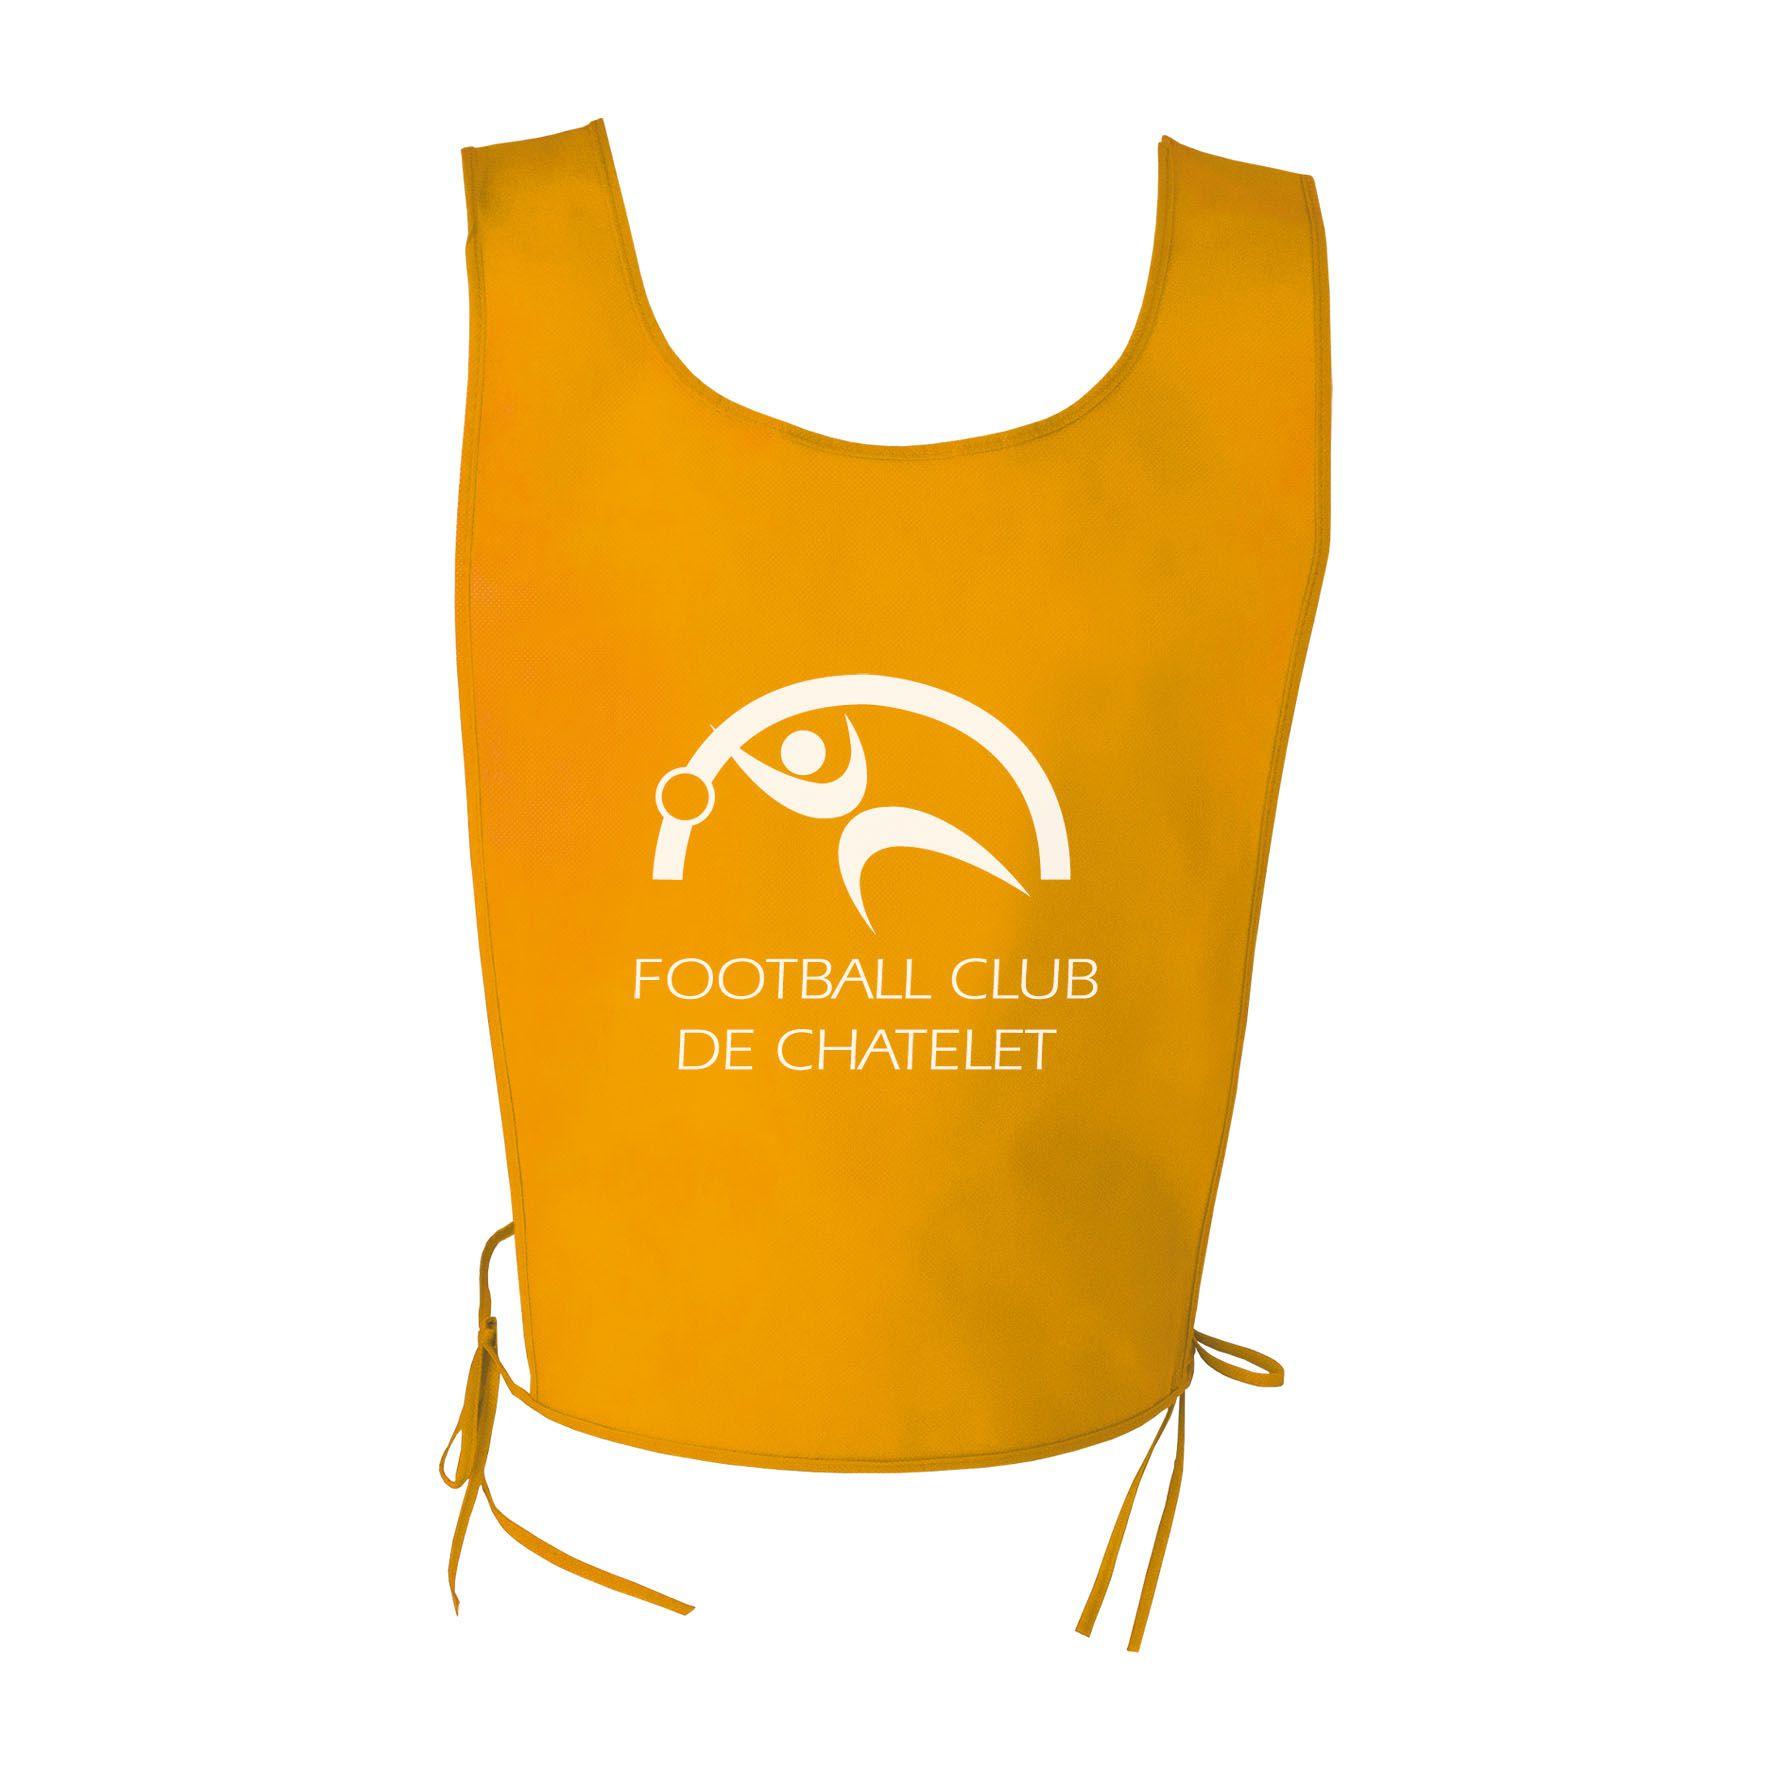 Objet publicitaire sport - Chasuble publicitaire sport Athlé - jaune